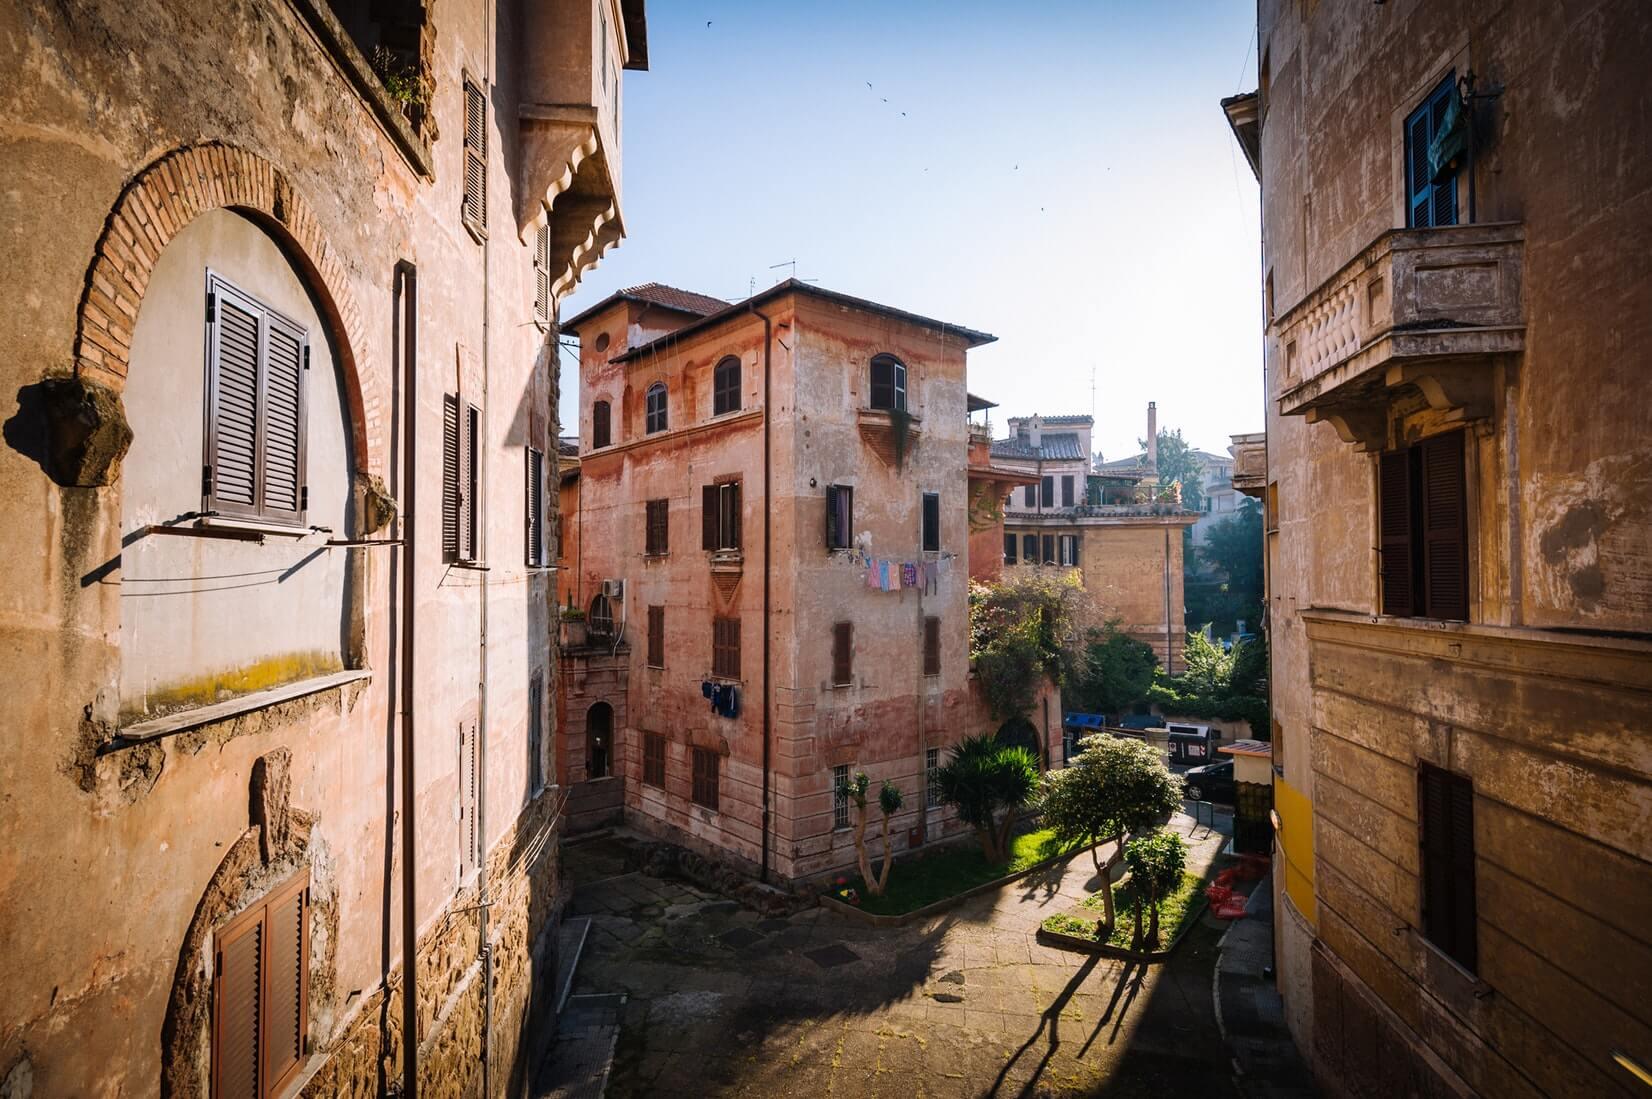 Статья для девочек: одиночное путешествие в Рим